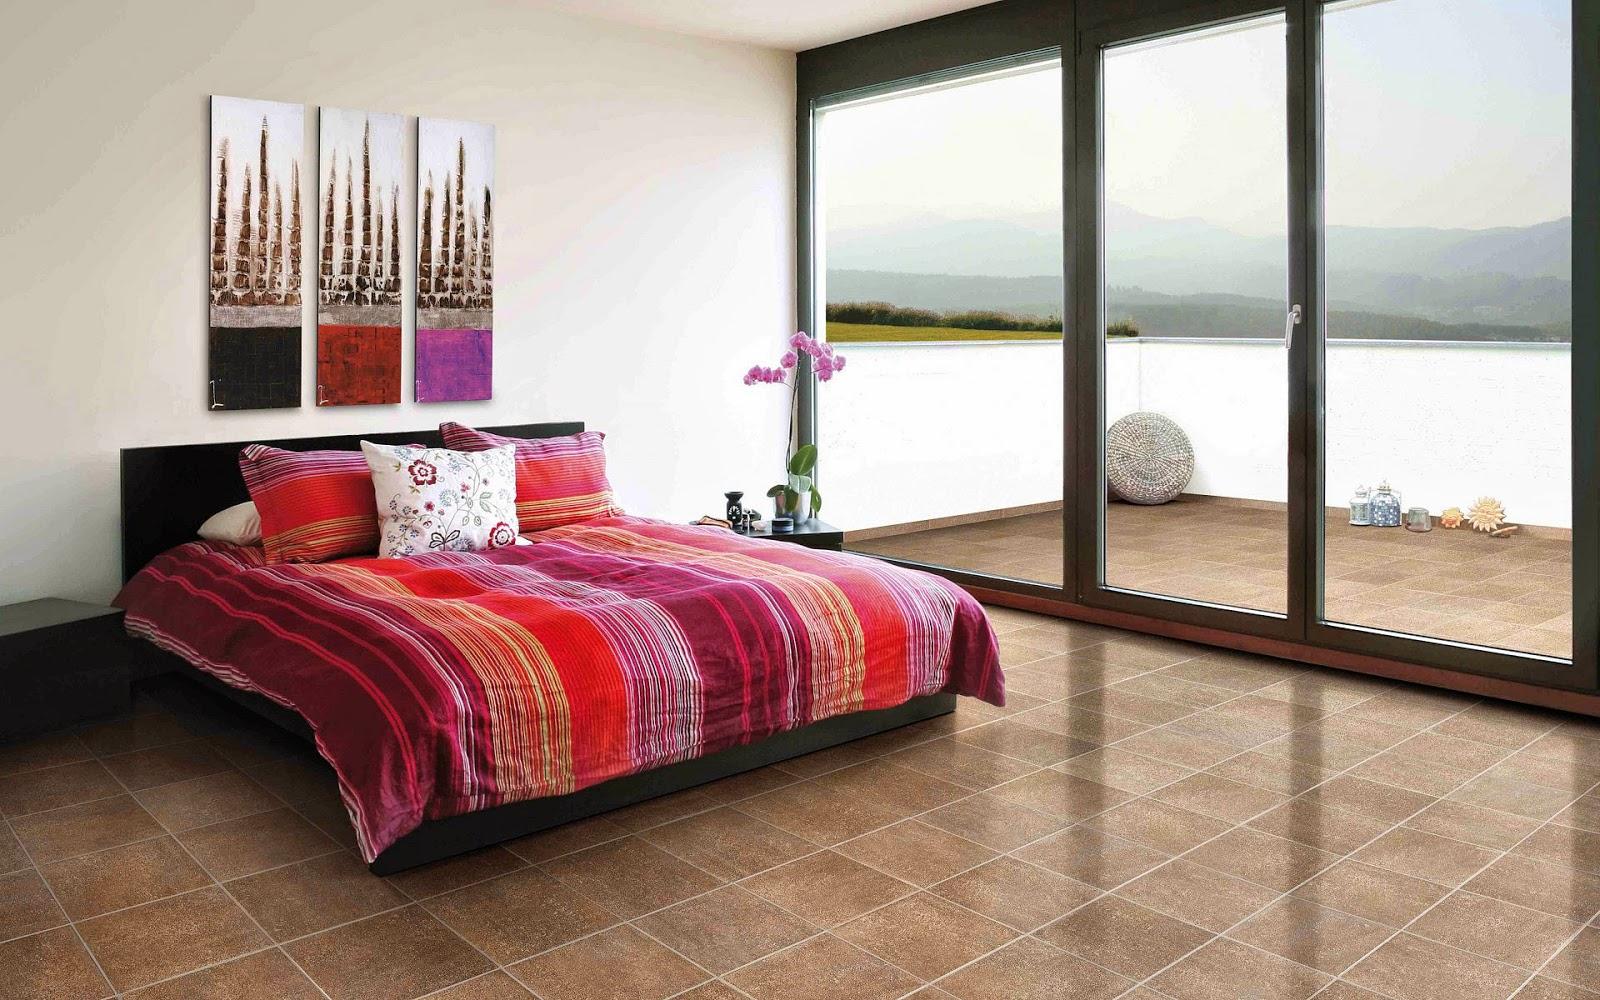 Moderne slaapkamer kleuren ~ [Spscents.com]